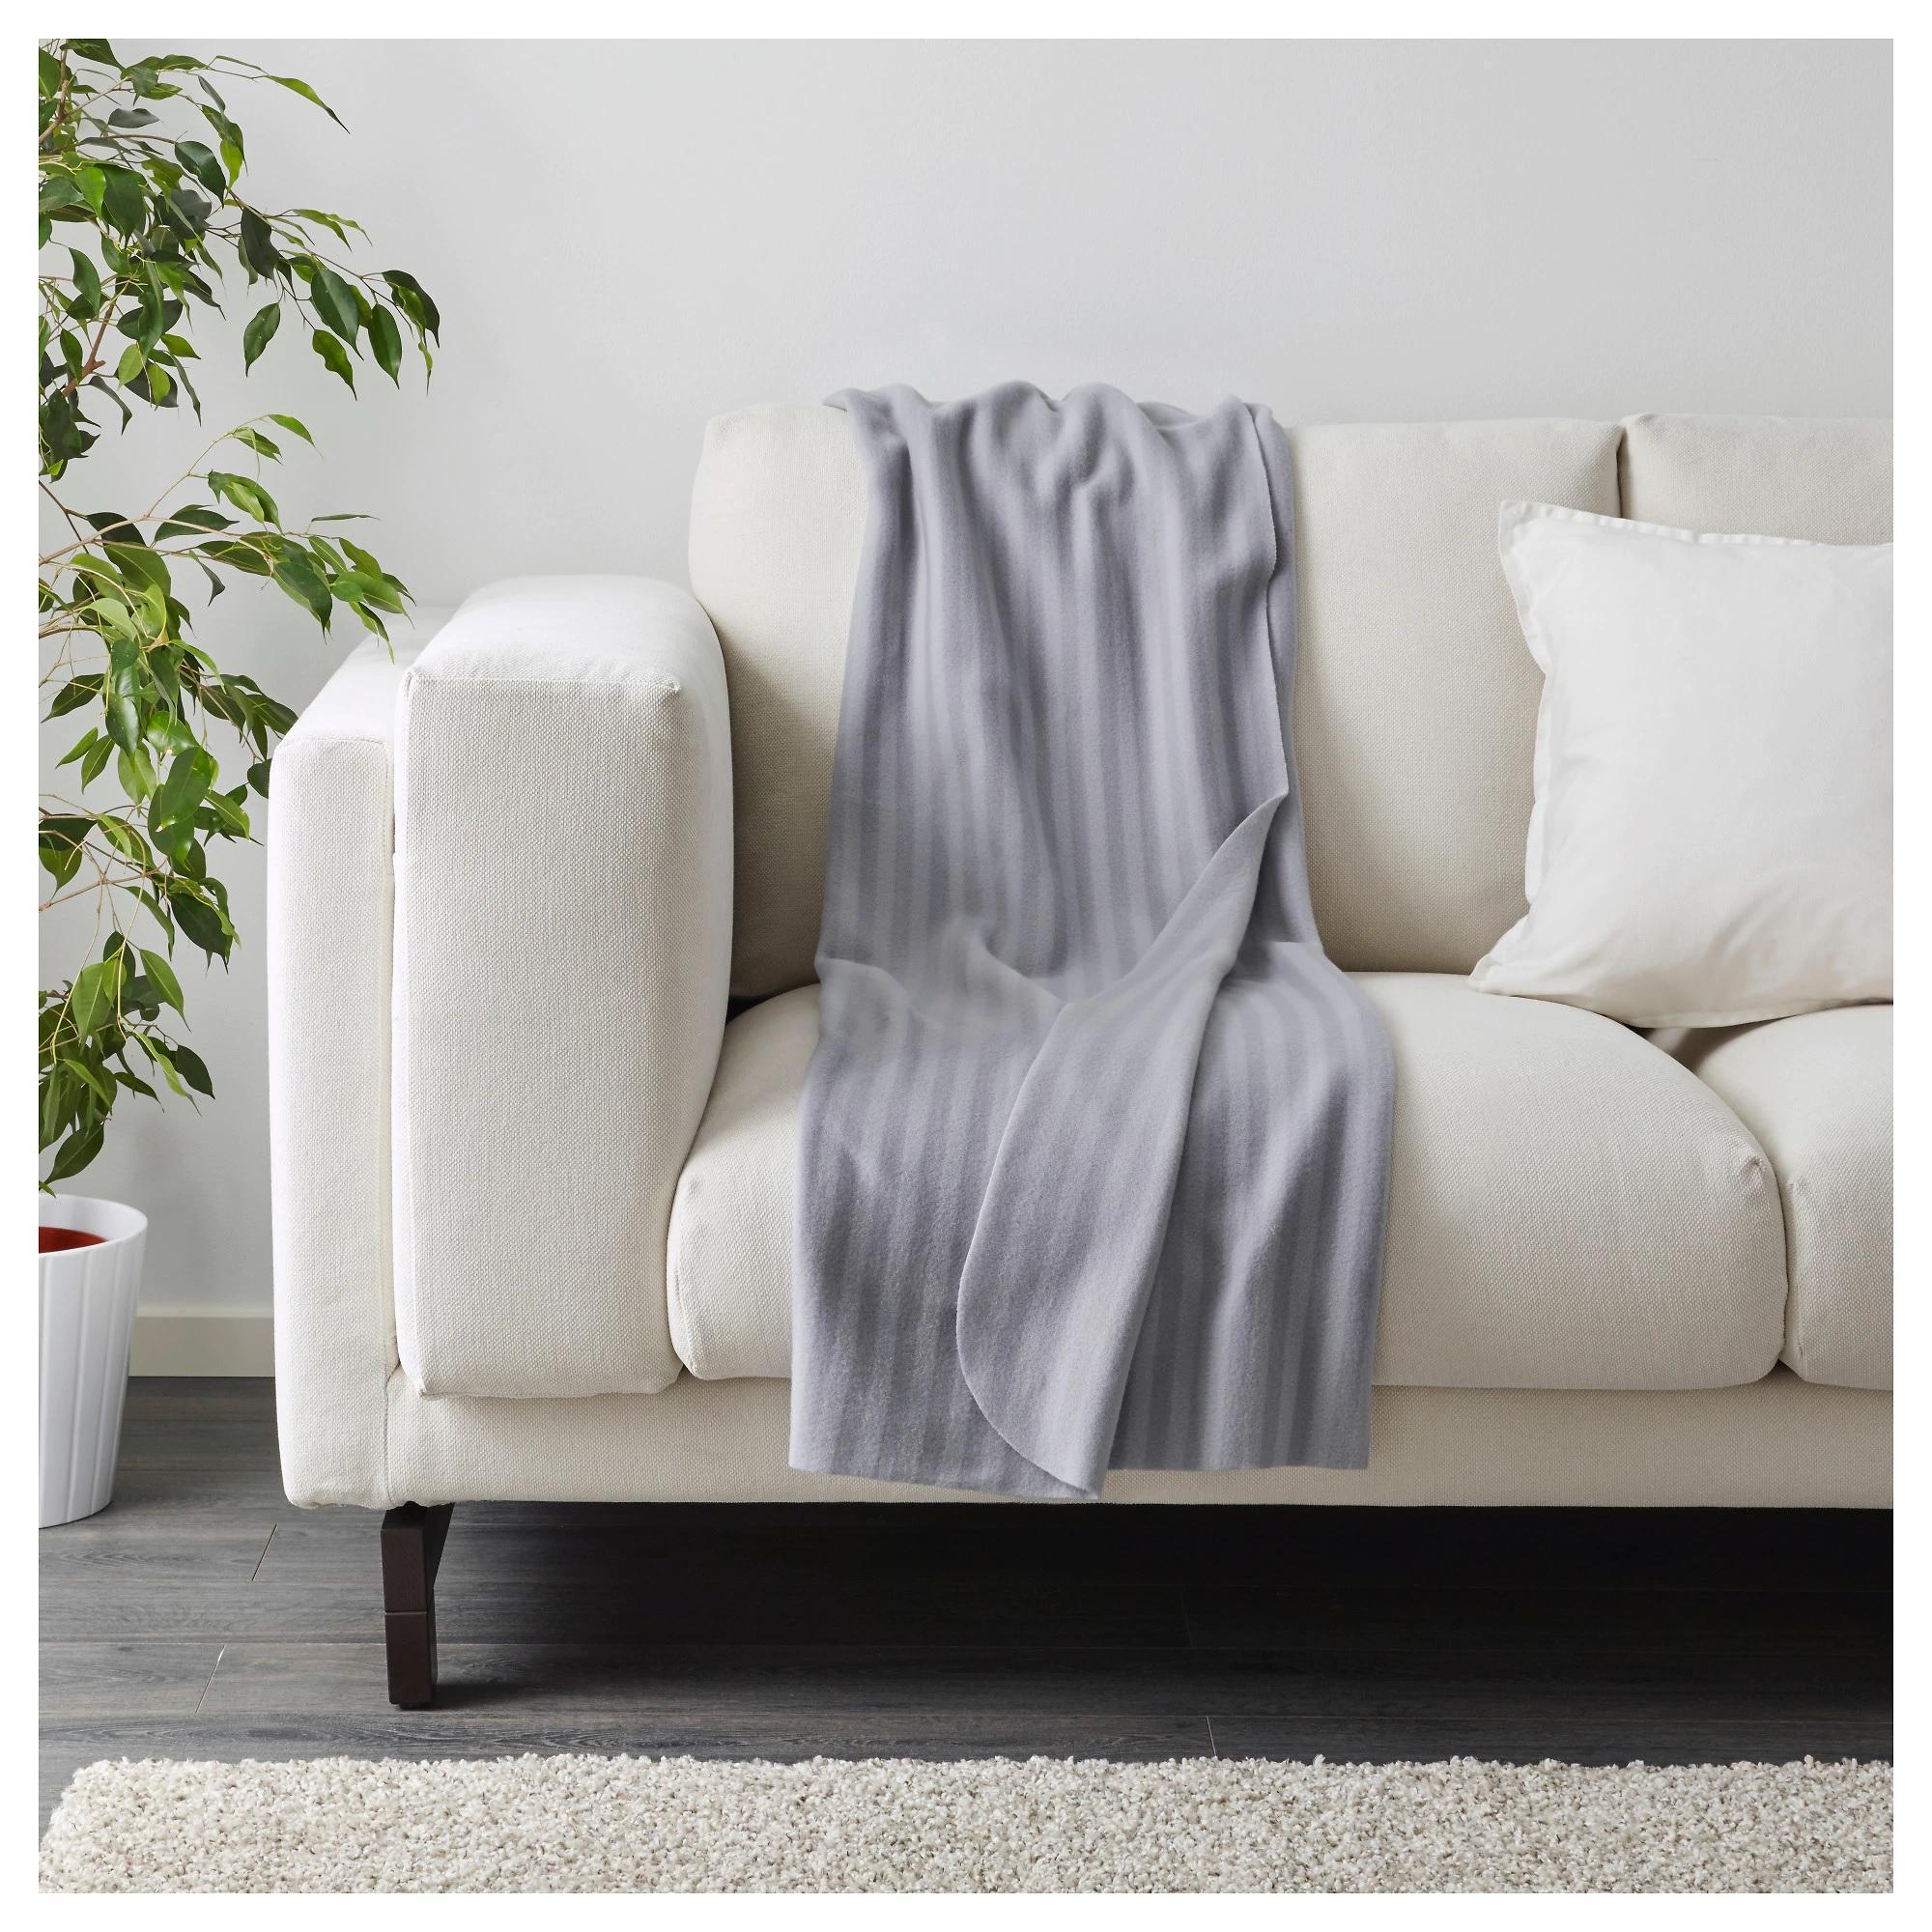 Chăn dạ mỏng văn phòng/ Sofa Ikea VITMOSSA hàng chuẩn( 1m2x1m6 )